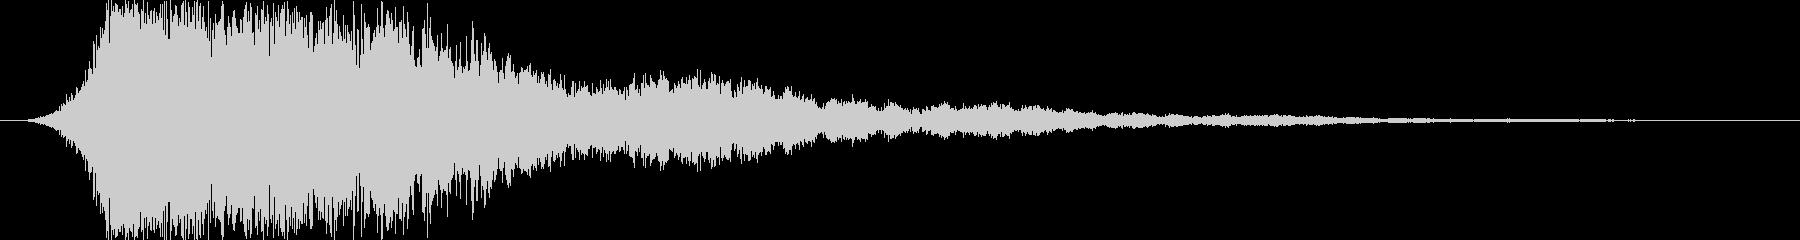 シャキーン 派手なインパクト音2の未再生の波形